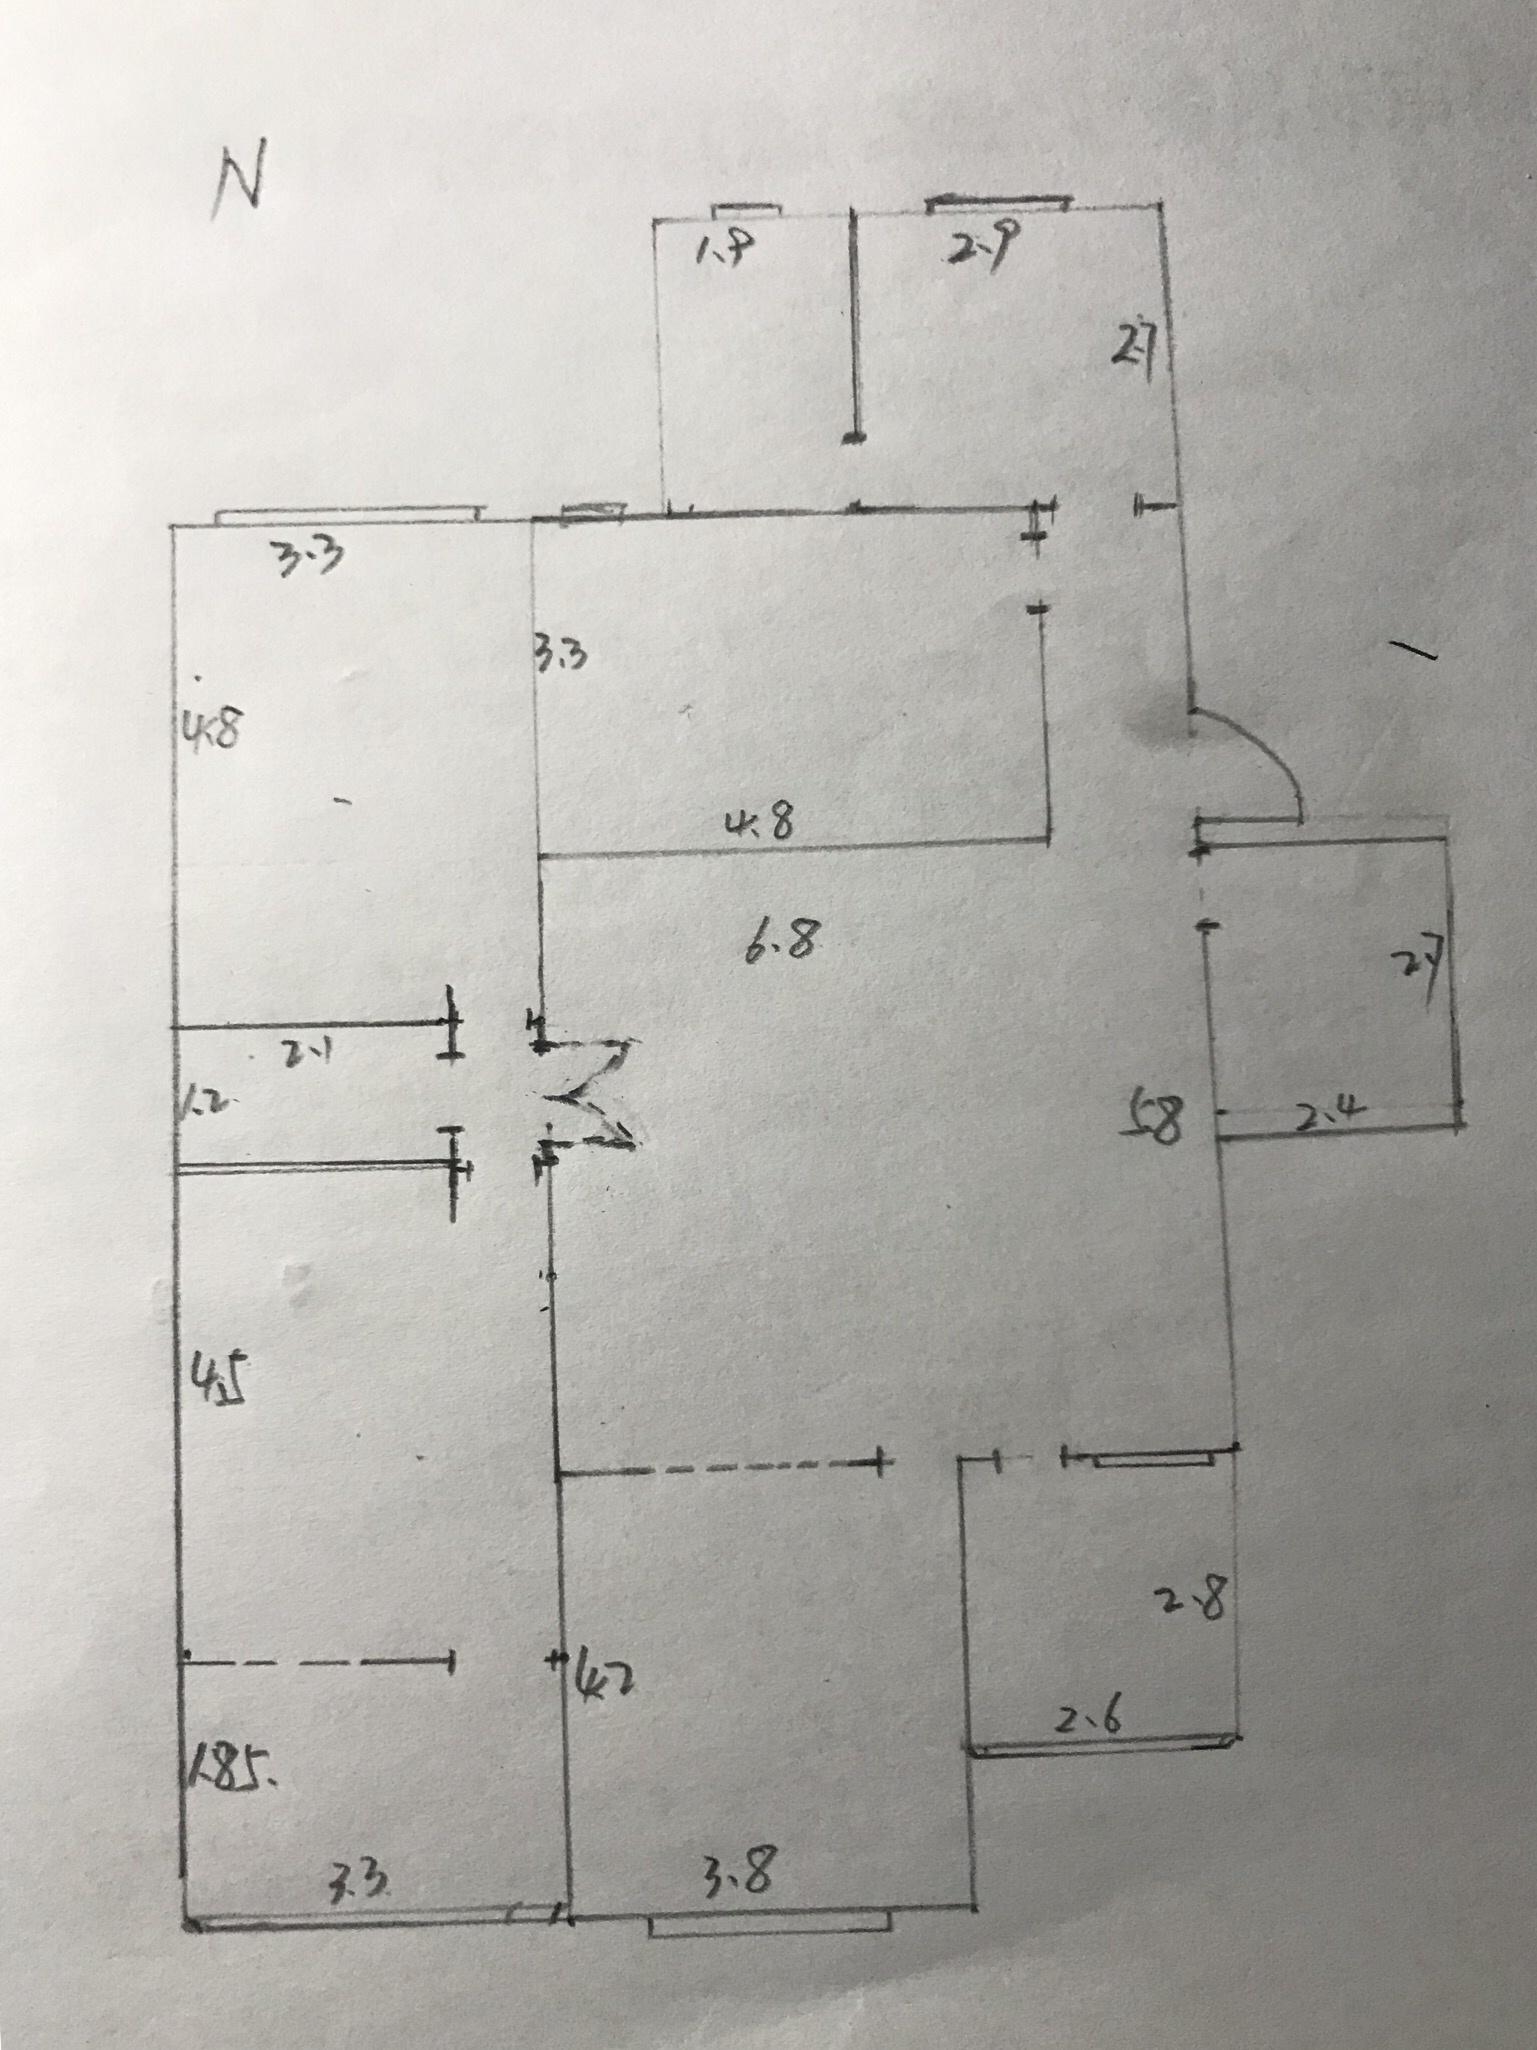 1998年老房子,174平,四室二厅双卫,想改造装修,中式、禅意的